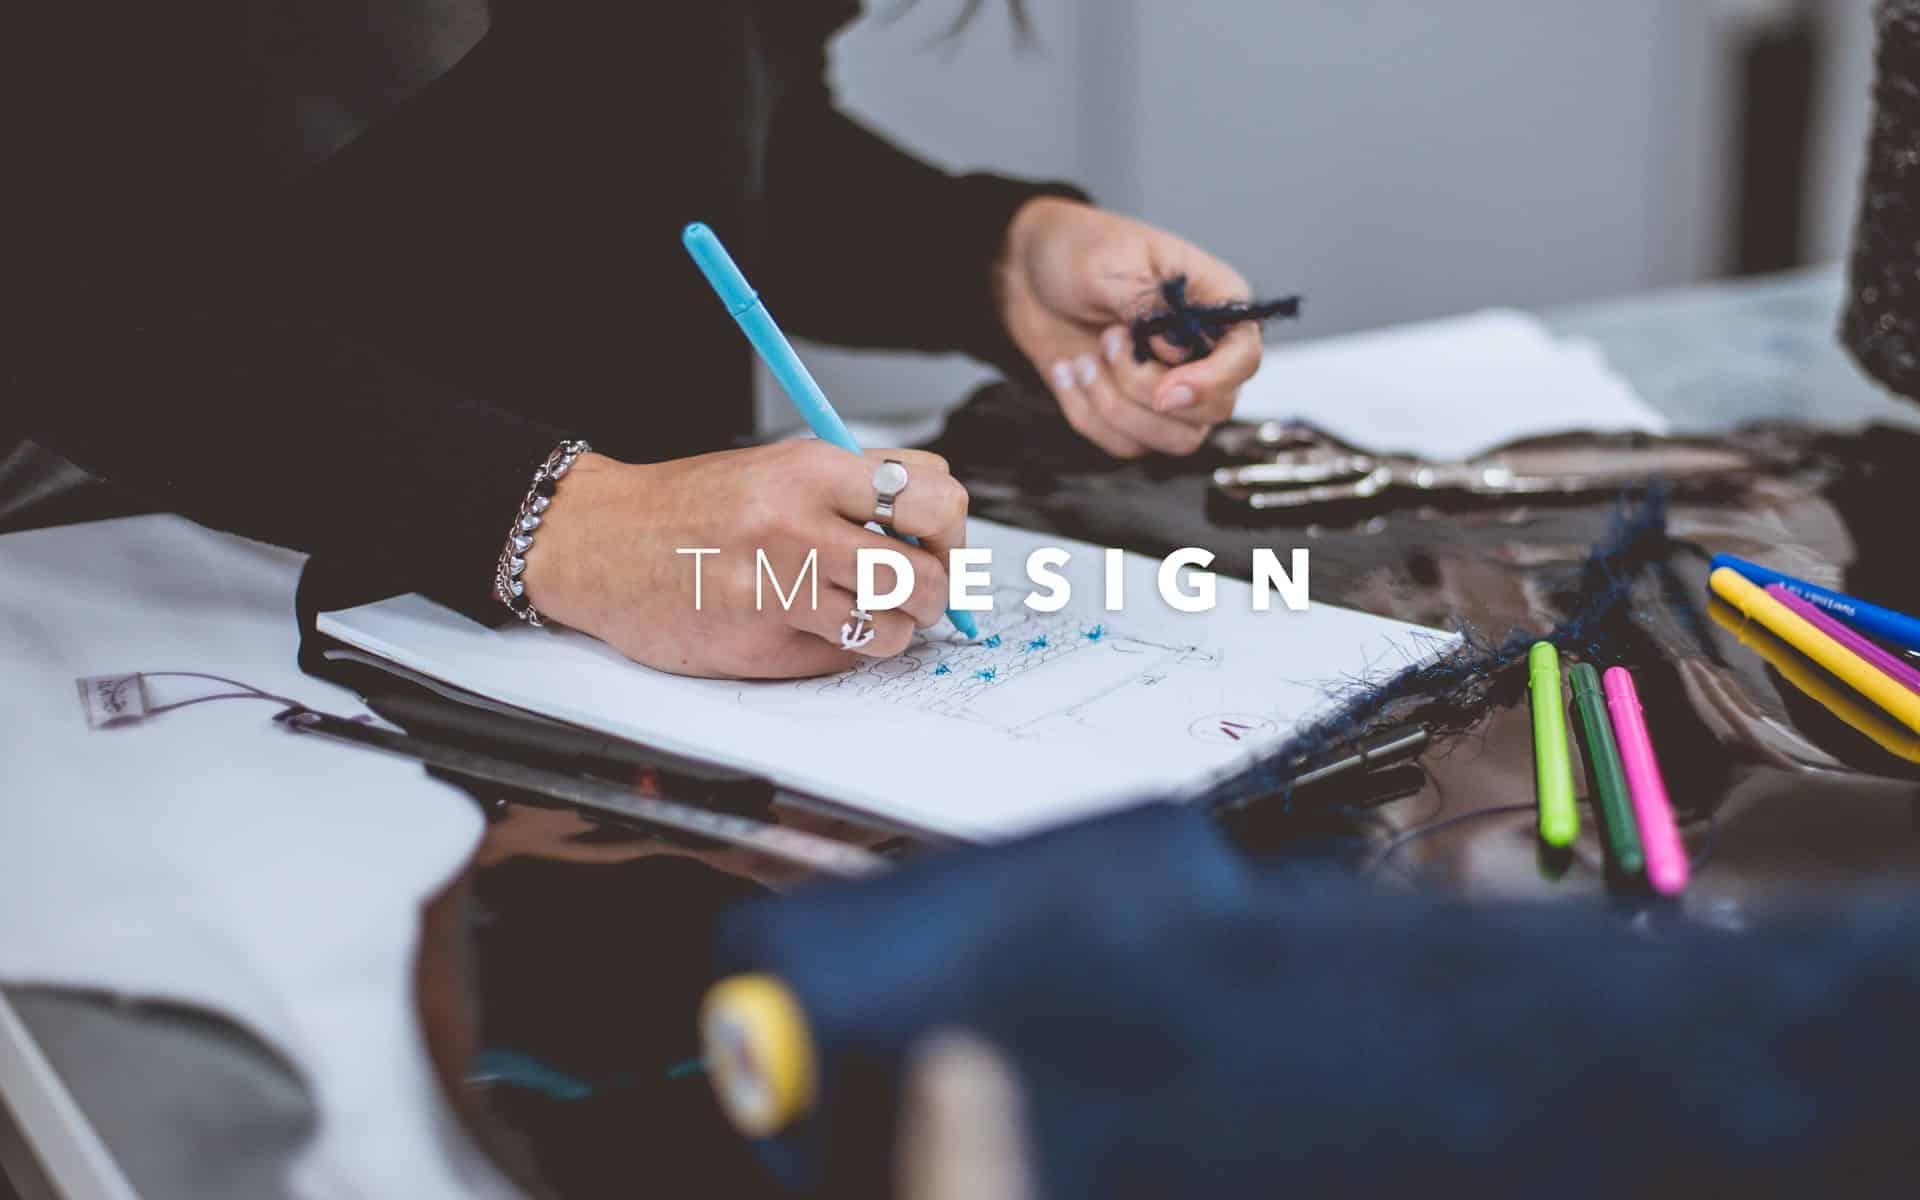 tm design